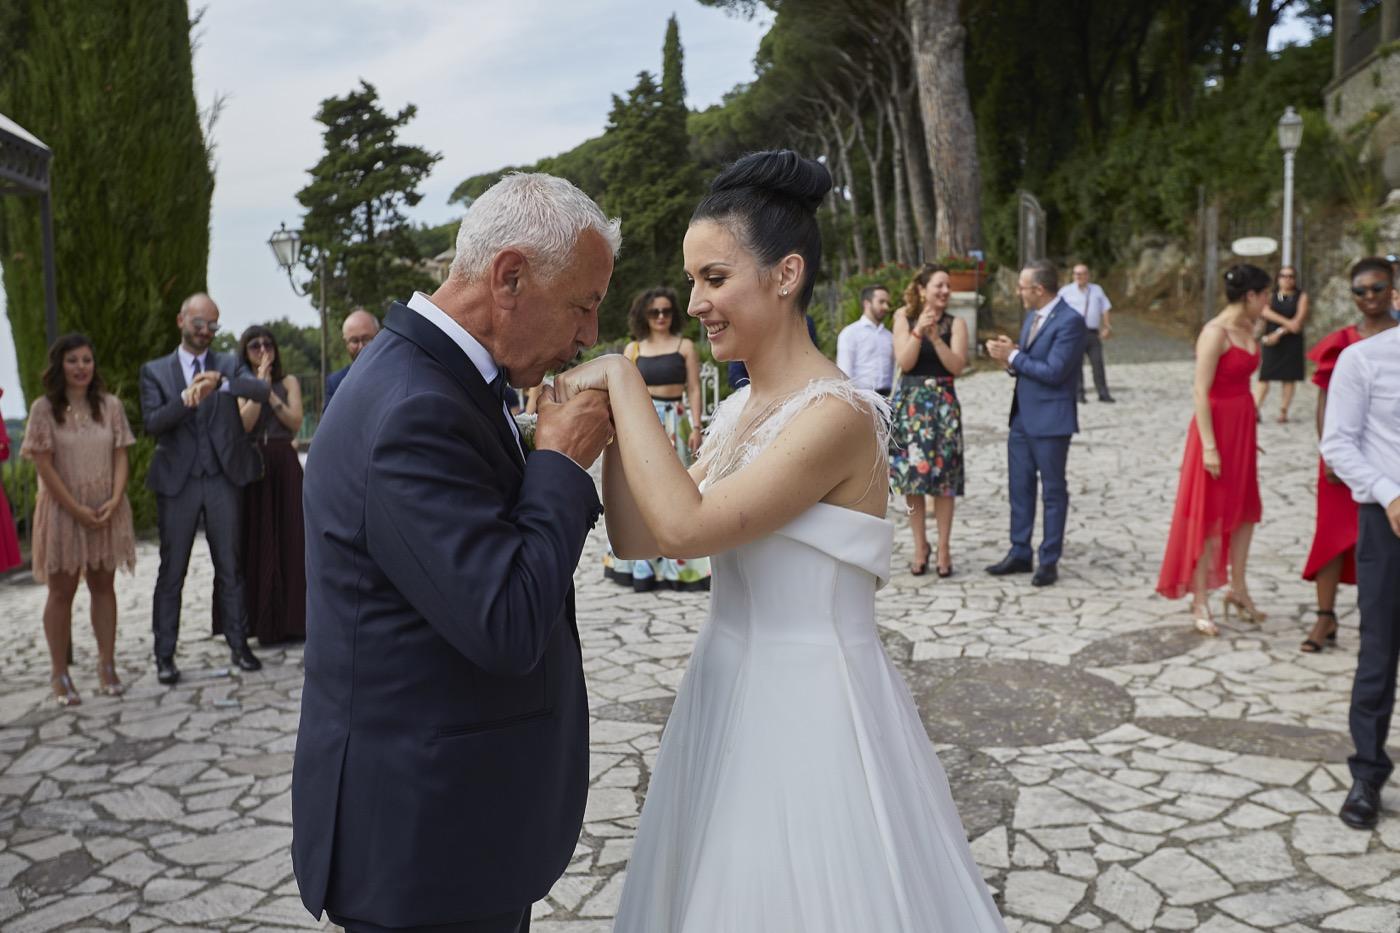 Claudio-Coppola-wedding-photographer-villa-del-cardinale-rocca-di-papa-castel-gandolfo-76